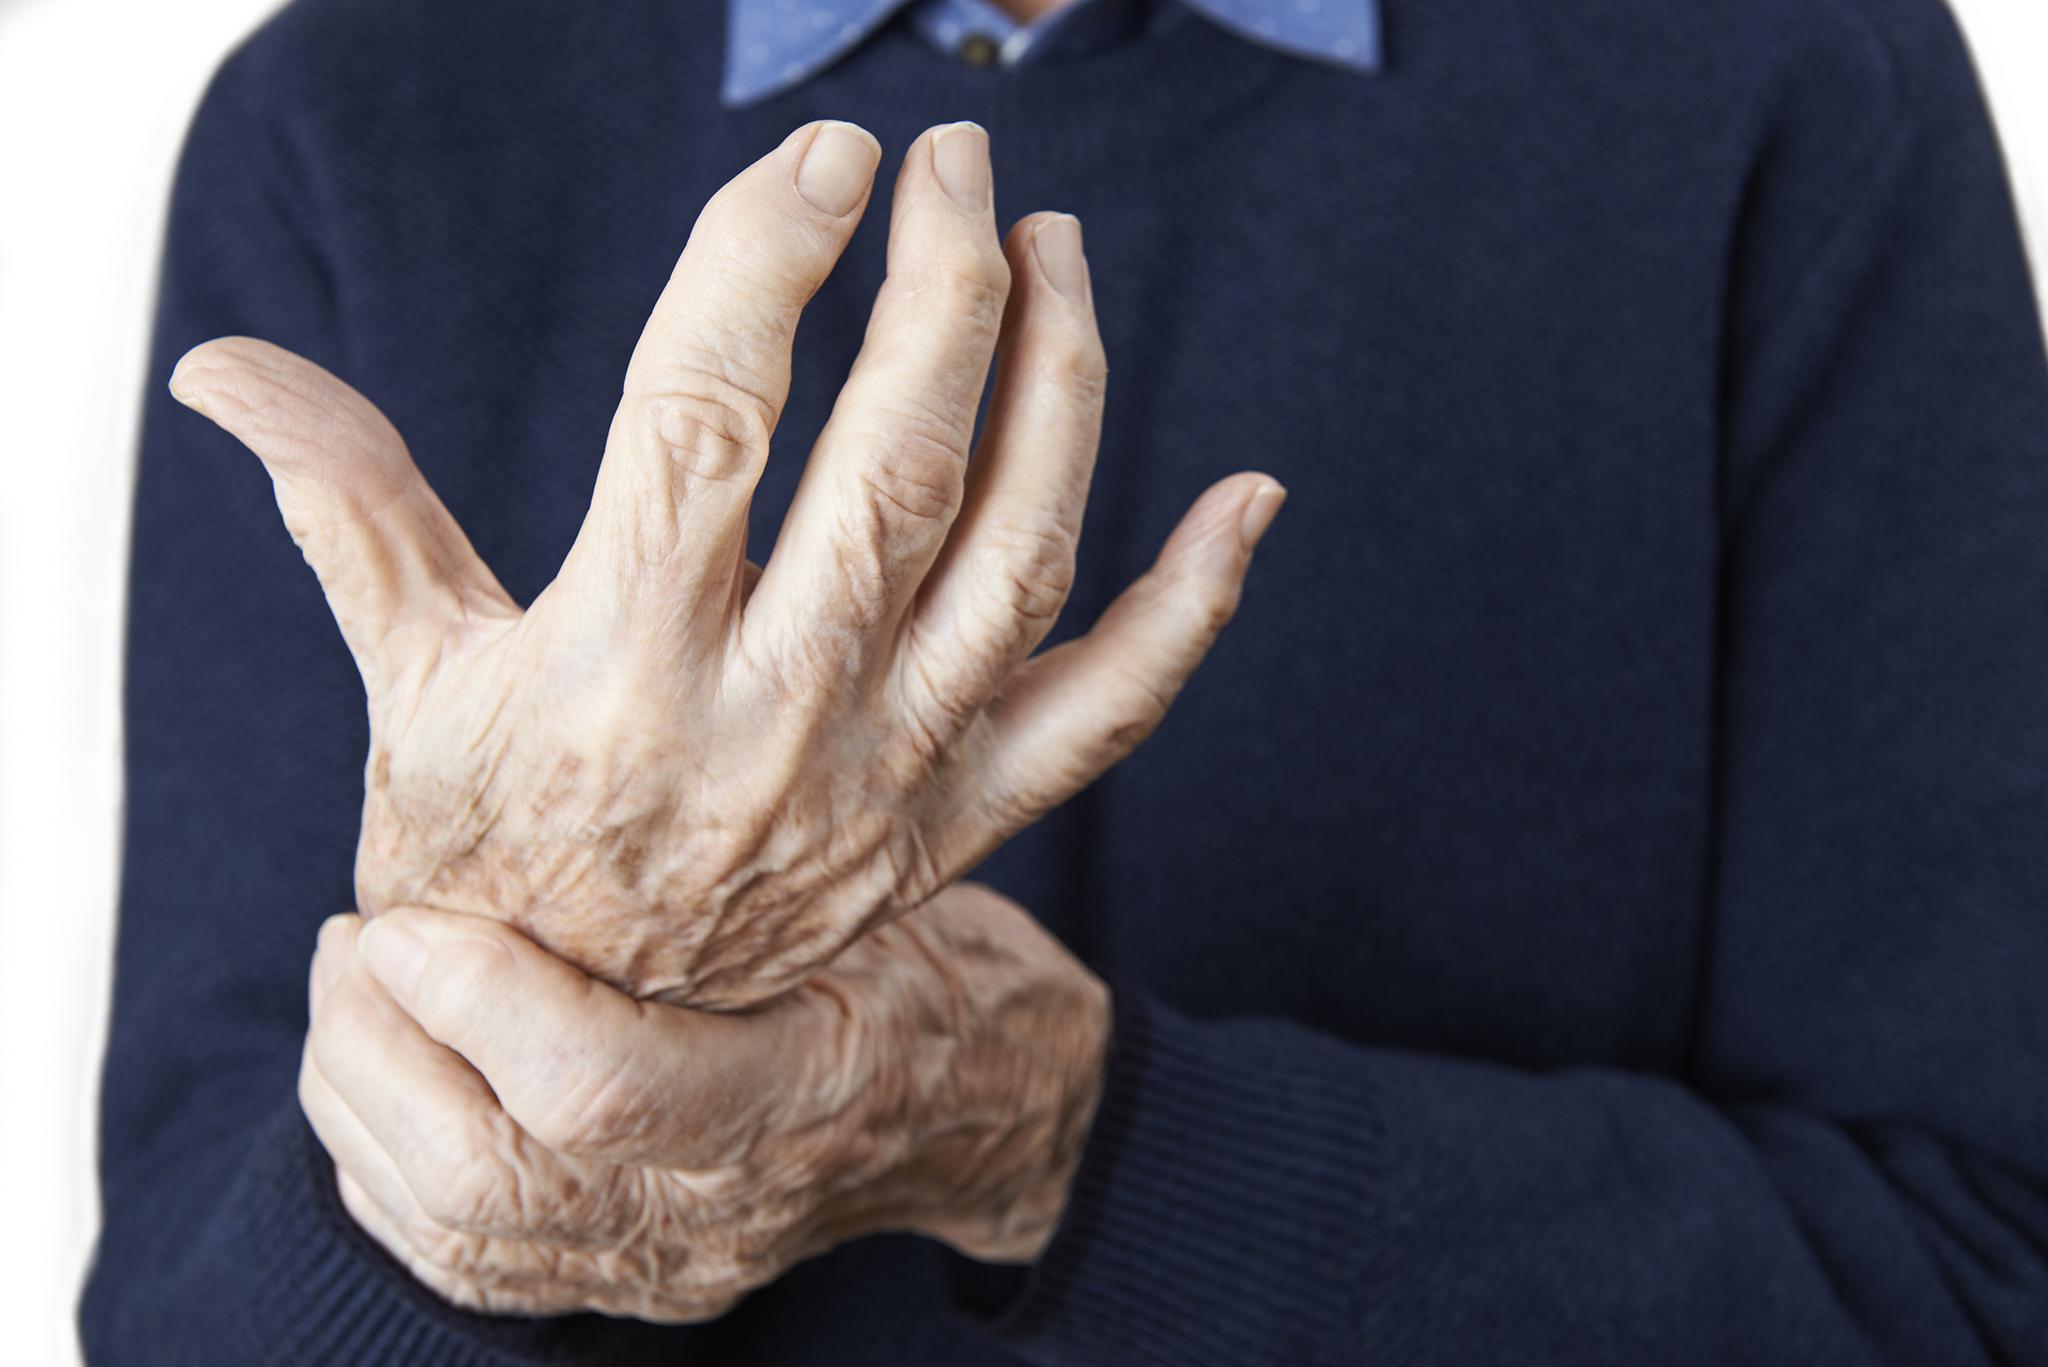 Um quinto da população com propensão para desenvolver artrite reumatóide